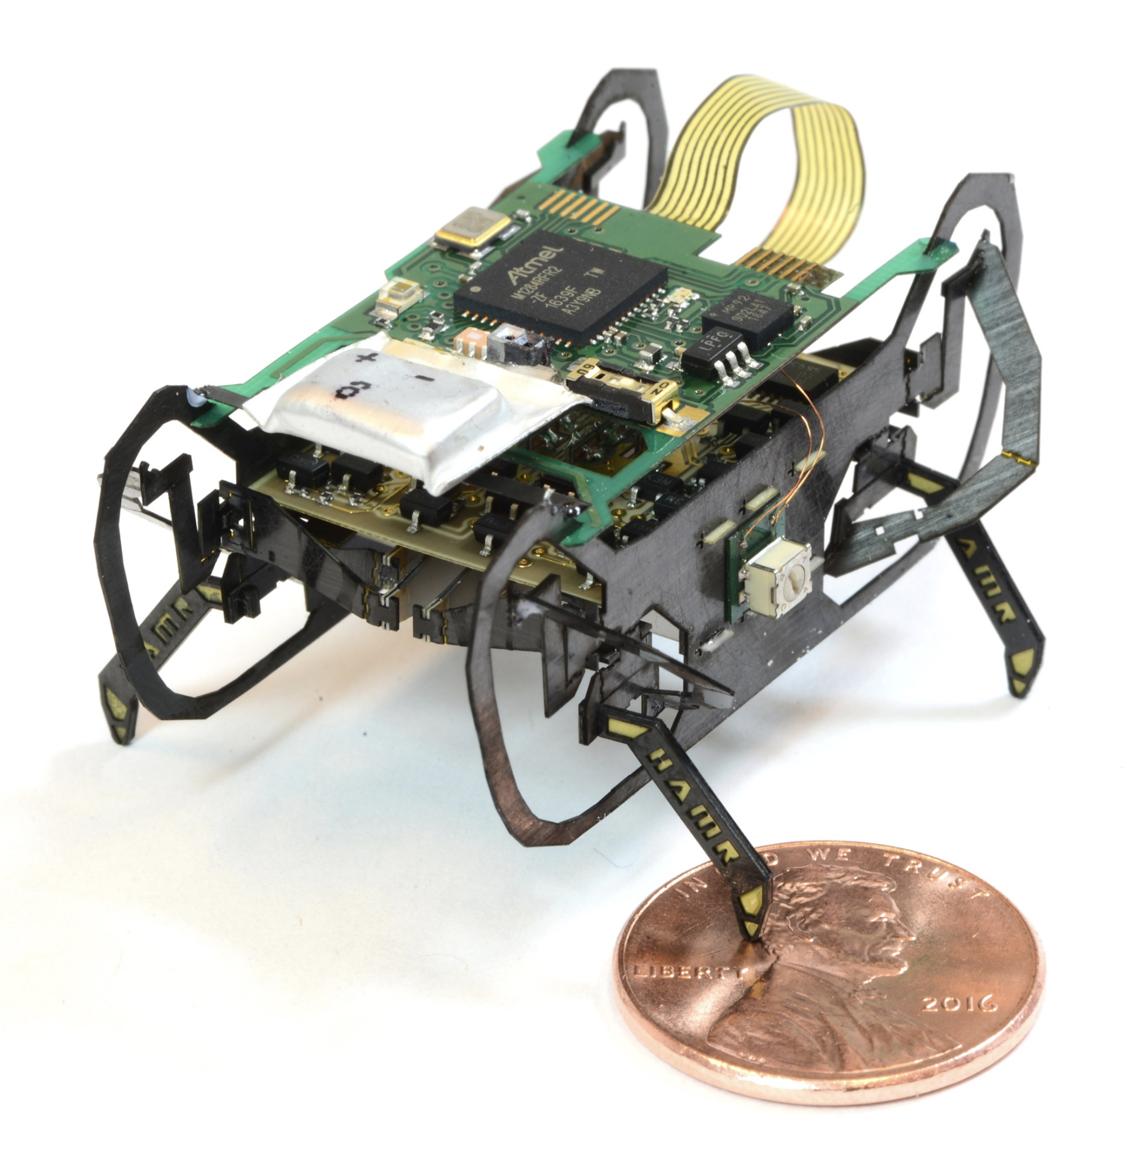 micro_bio_robot_origami_actuator